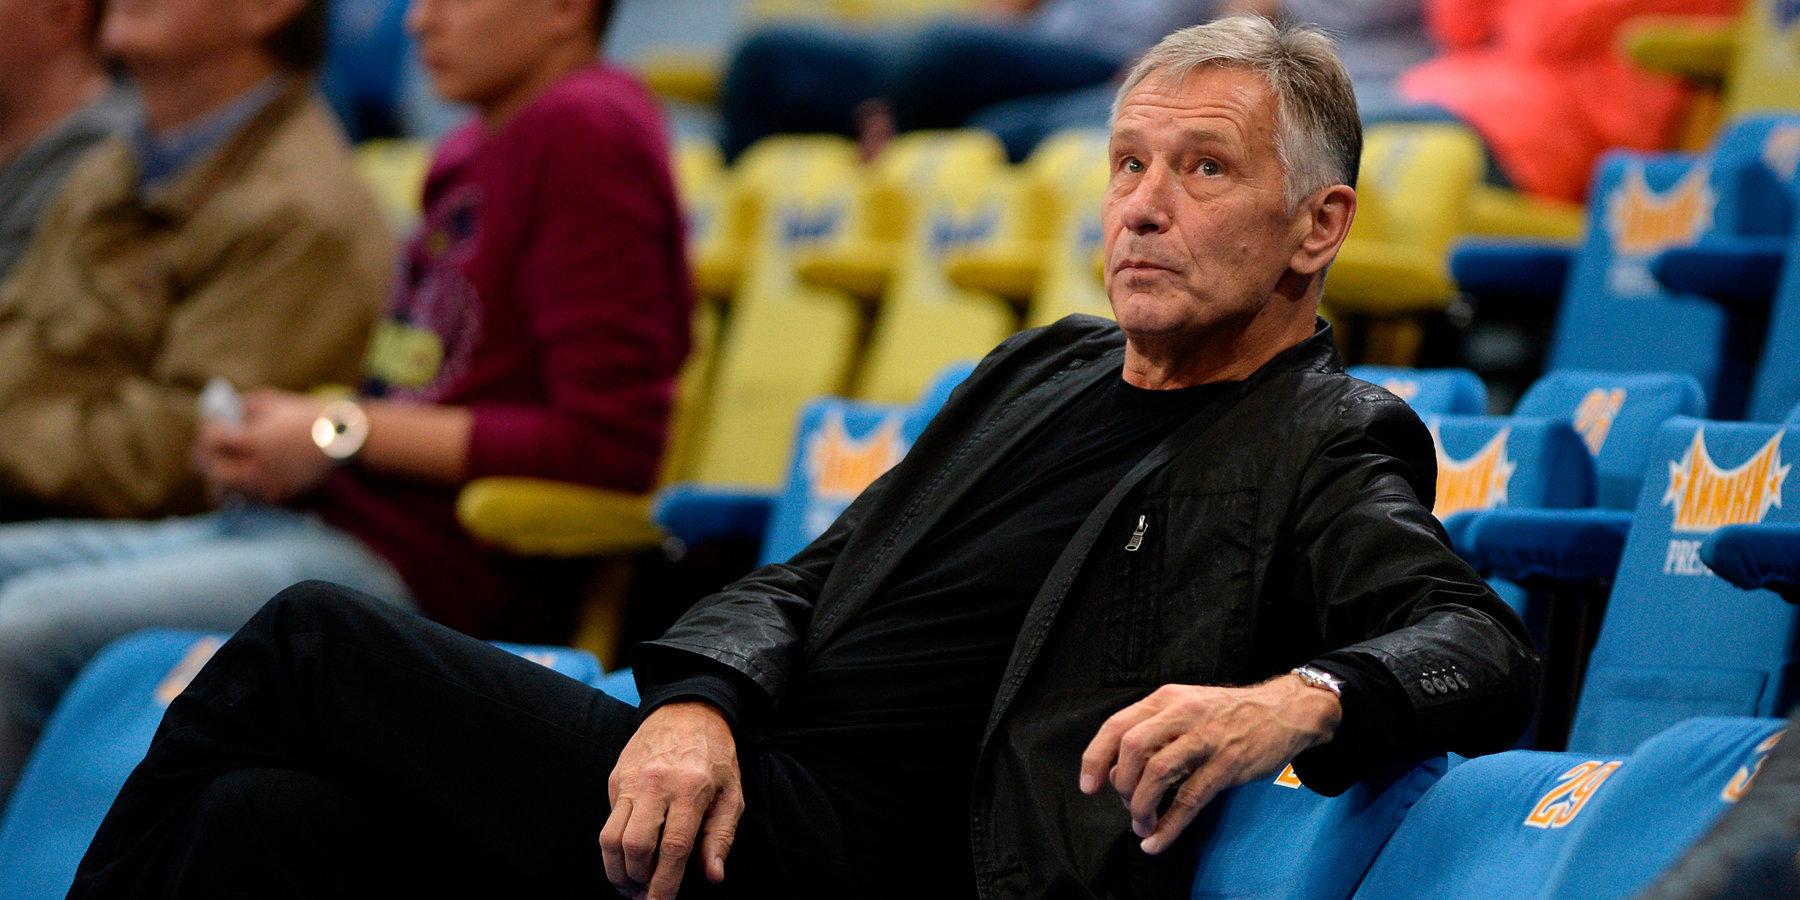 Сергей Елевич — о встрече «Басконии» и «Химок»: «Терять нам нечего — надо играть»